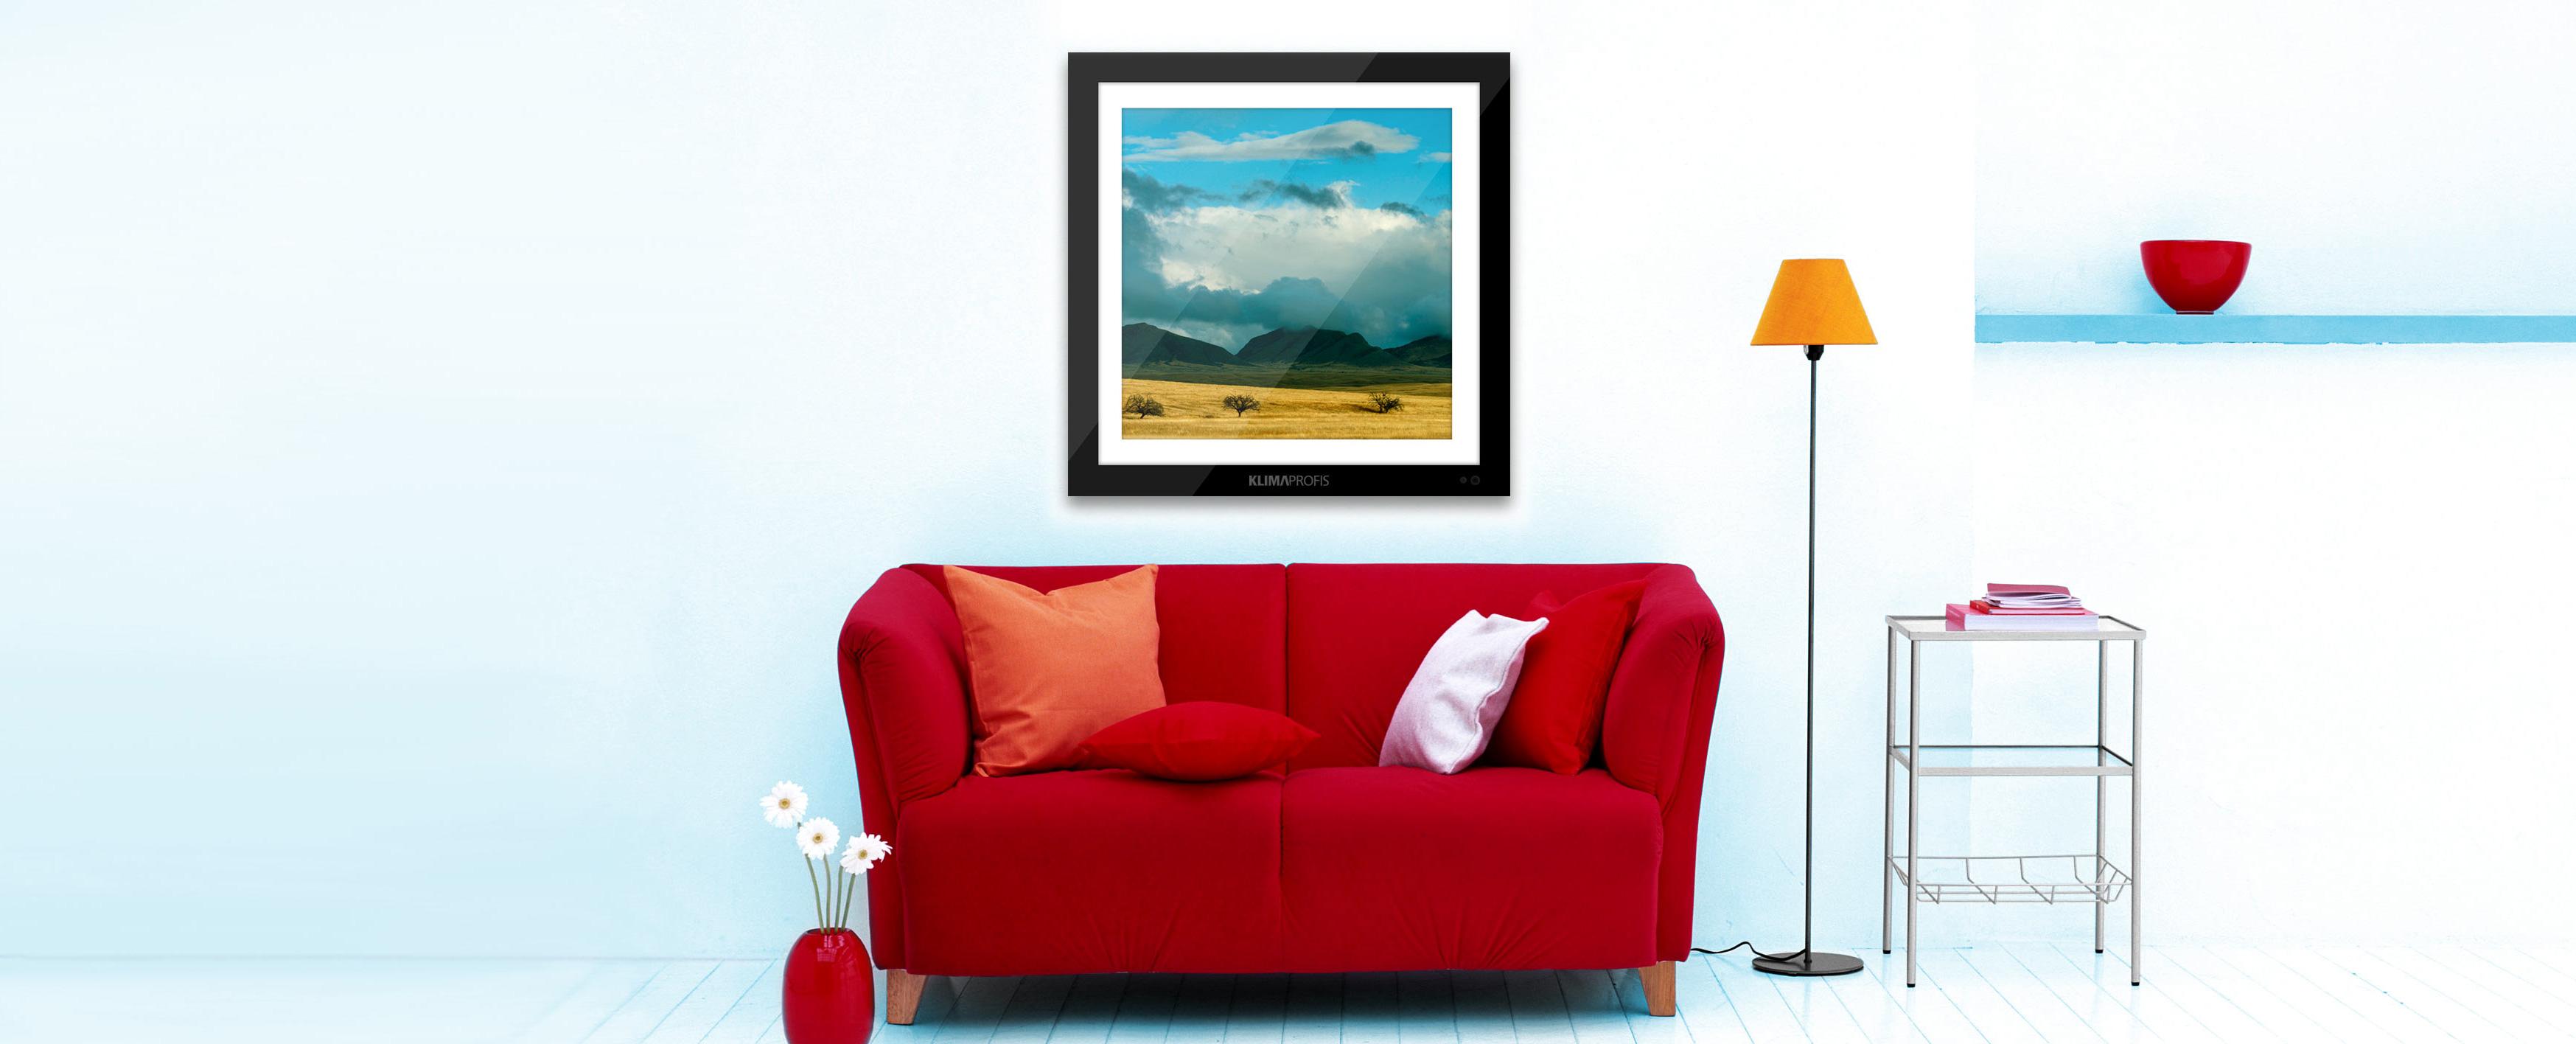 LG-Artcool-Gallery-Ambiente